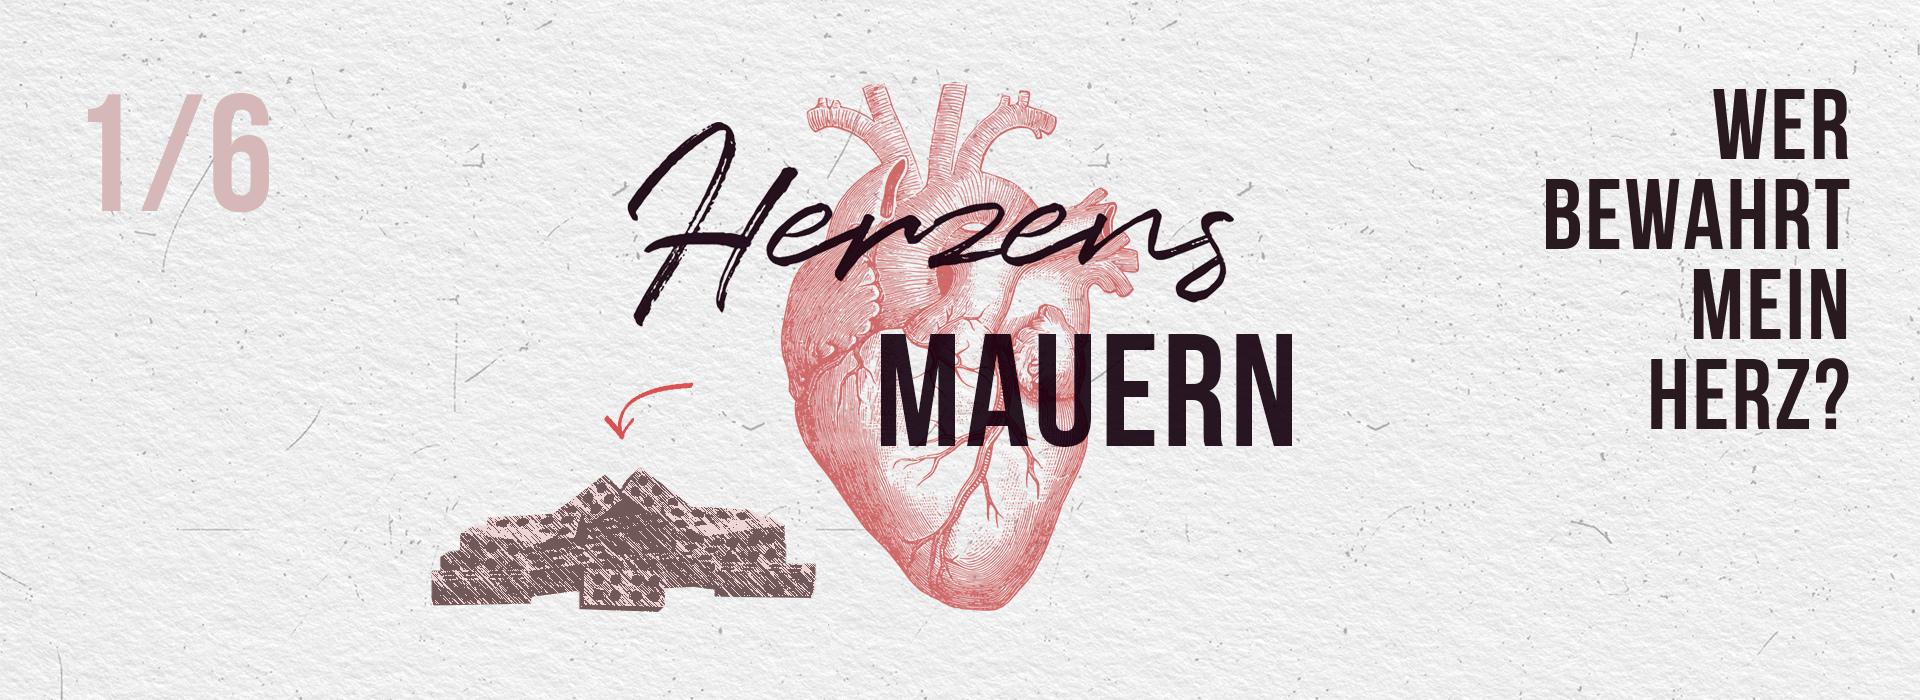 Herzensmauern #1: Wer bewahrt mein Herz?